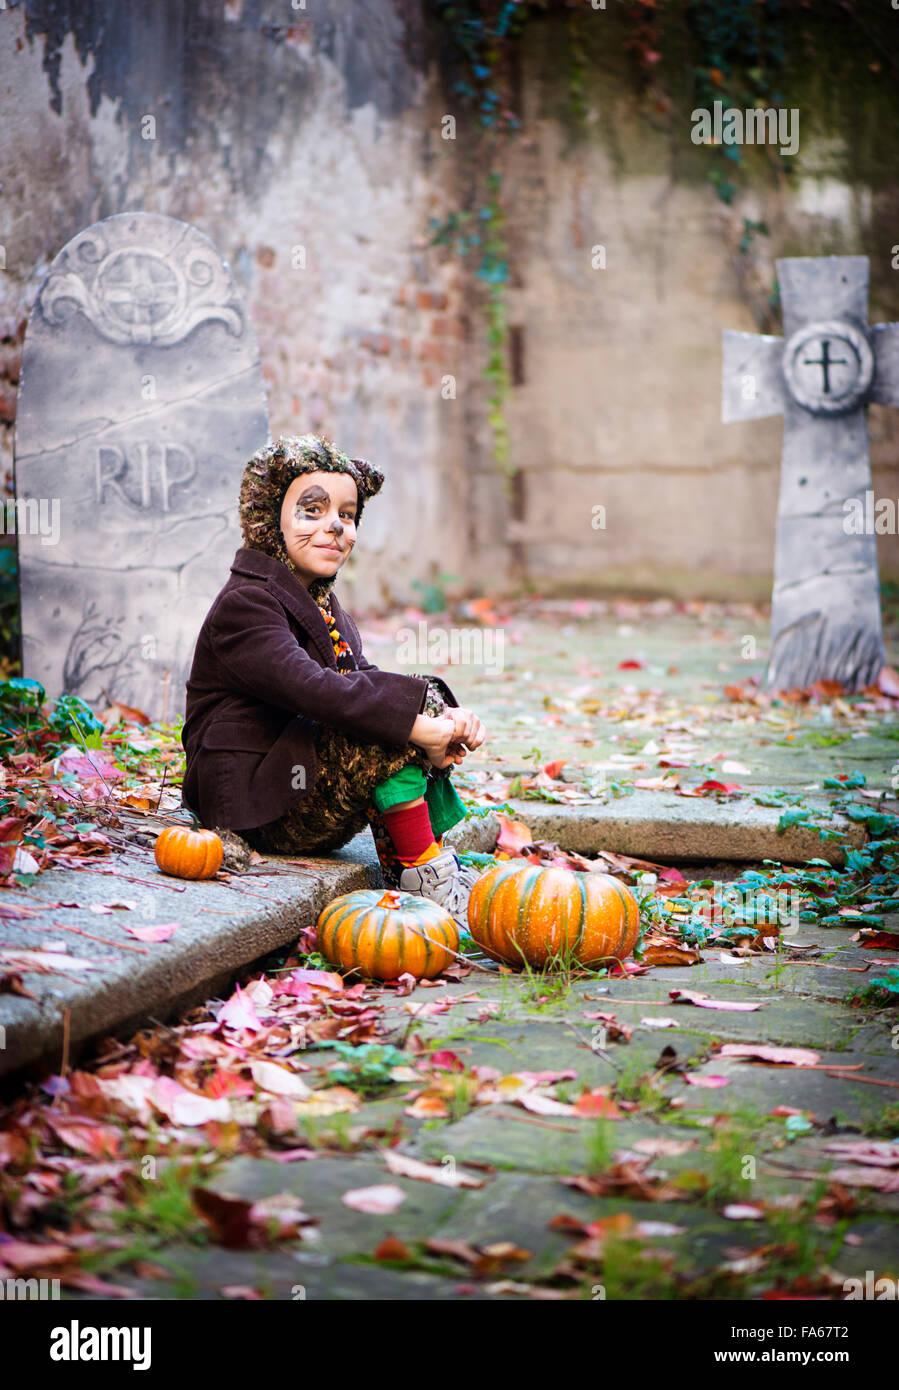 Junge im Halloween-Kostüm sitzen im Friedhof Stockbild